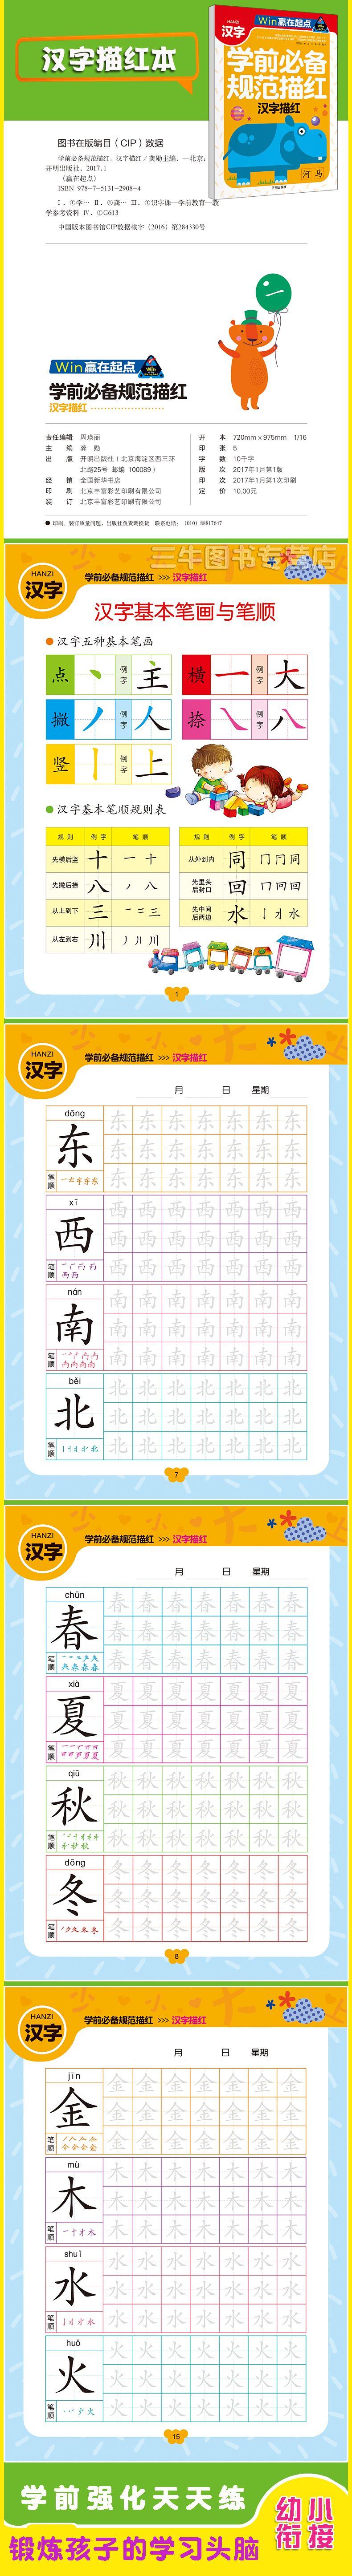 小入学准备书籍儿童3-6-7周岁学前班幼儿园中大班语文拼音汉字描红本